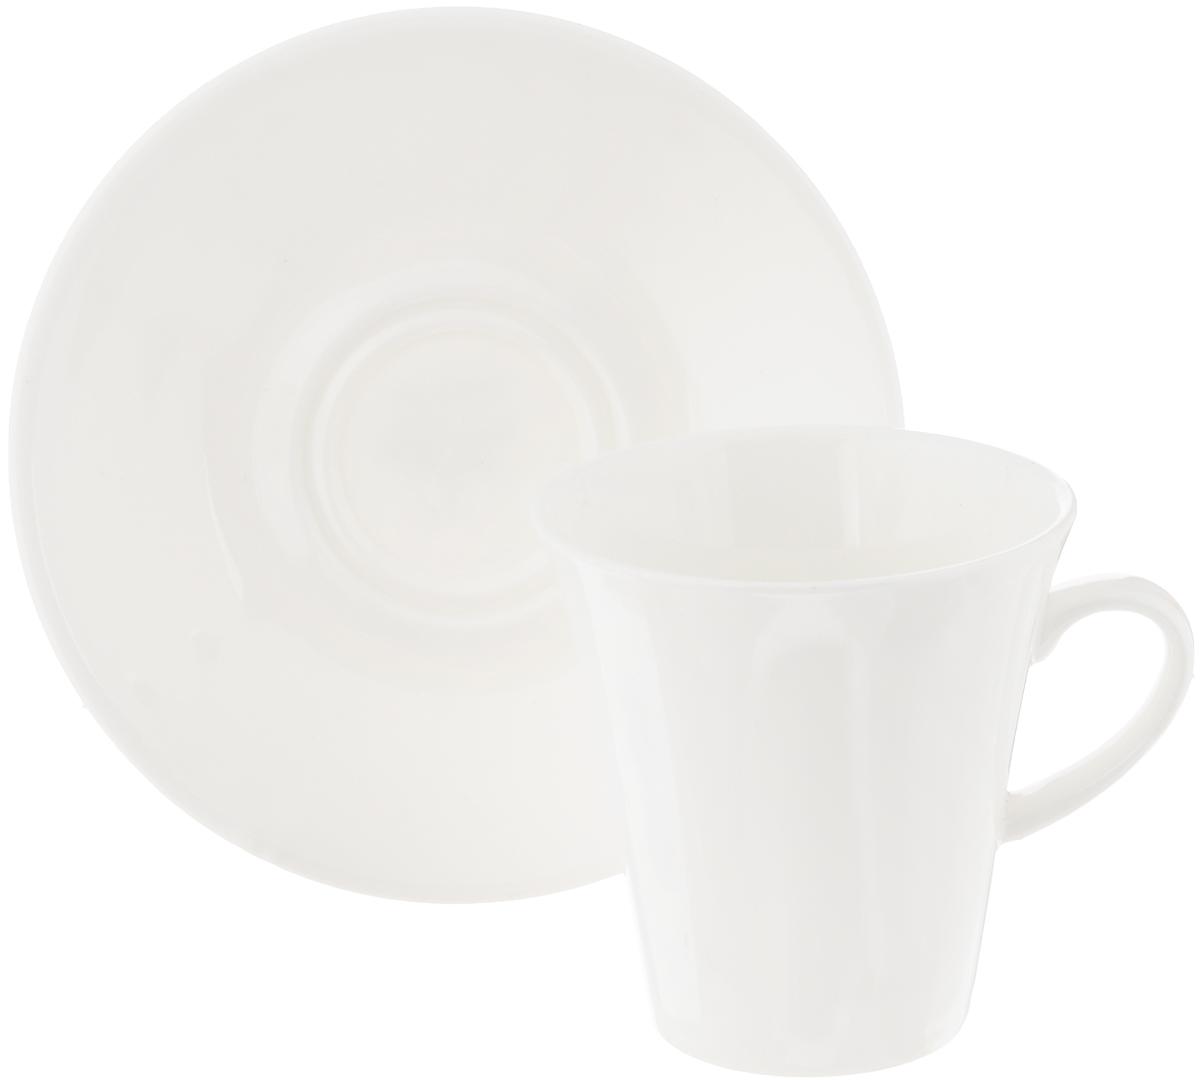 Кофейная пара Wilmax, 2 предмета. WL-993005 / ABWL-993005 / ABКофейная пара Wilmax состоит из чашки и блюдца. Изделия выполнены из высококачественного фарфора, покрытого слоем глазури. Изделия имеют лаконичный дизайн, просты и функциональны в использовании. Кофейная пара Wilmax украсит ваш кухонный стол, а также станет замечательным подарком к любому празднику. Изделия можно мыть в посудомоечной машине и ставить в микроволновую печь. Объем чашки: 160 мл. Диаметр чашки (по верхнему краю): 7,5 см. Высота чашки: 7,5 см. Диаметр блюдца: 13 см.